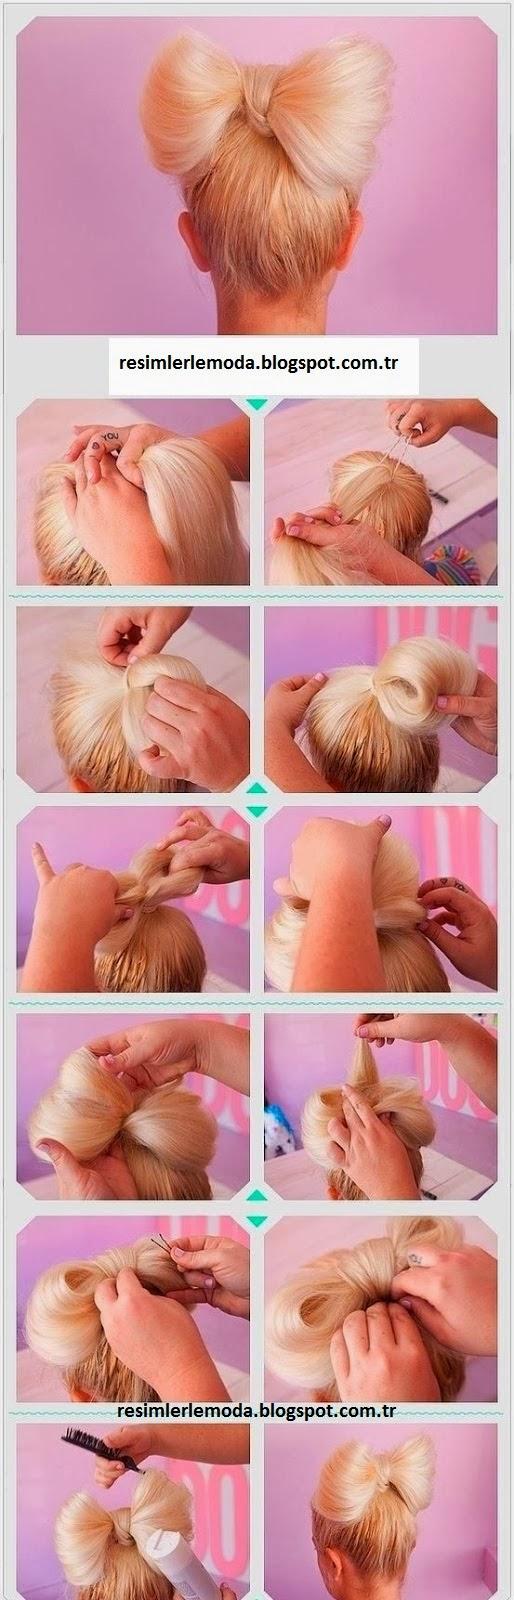 Как сделать бант из волос : подробная инструкция с фото 13